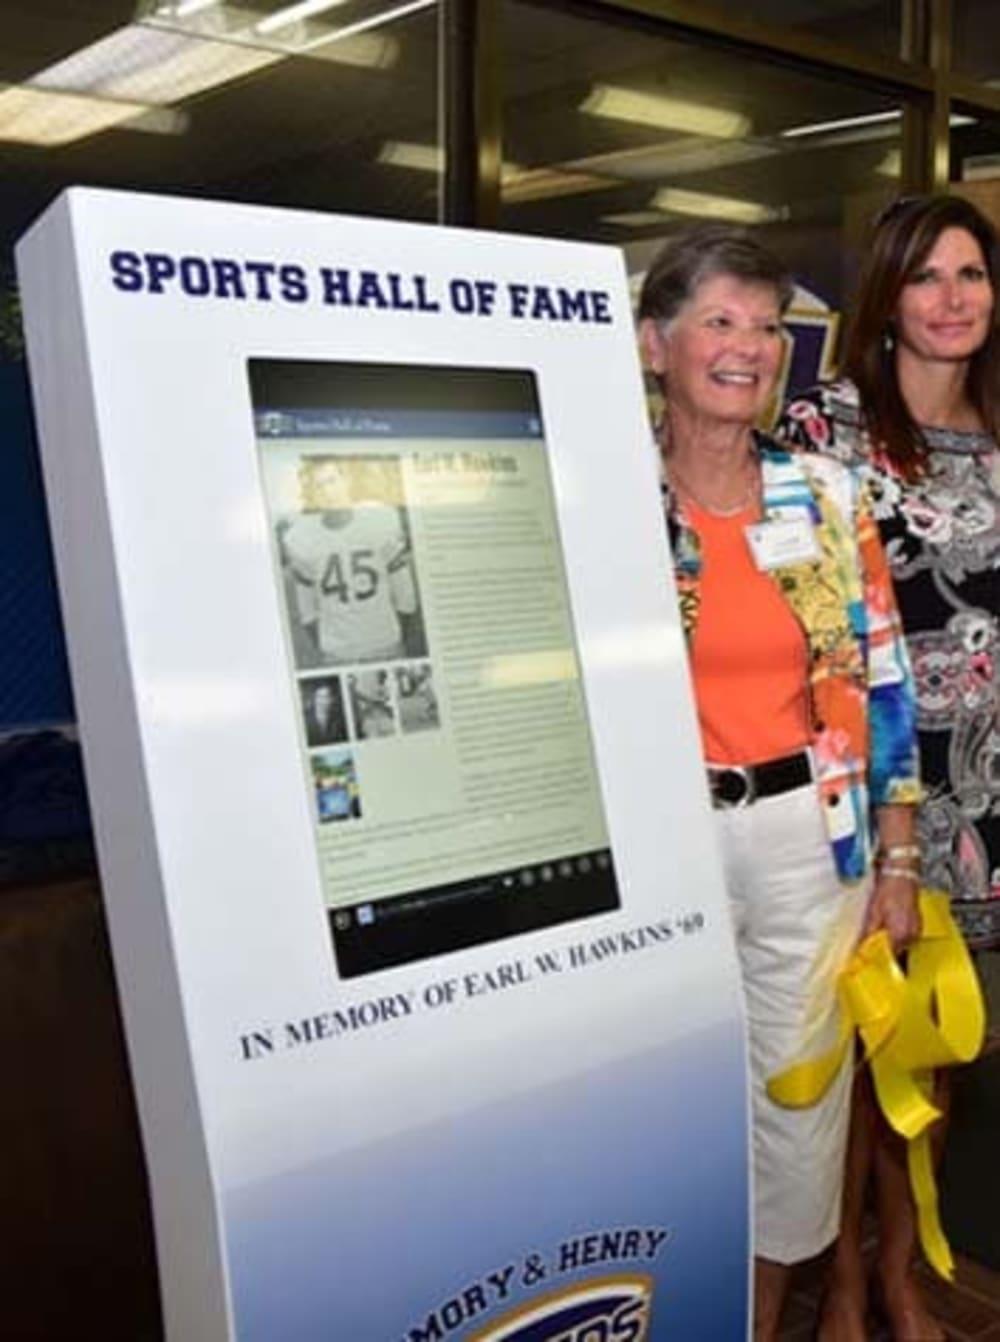 EHC Hall of Fame Kiosk